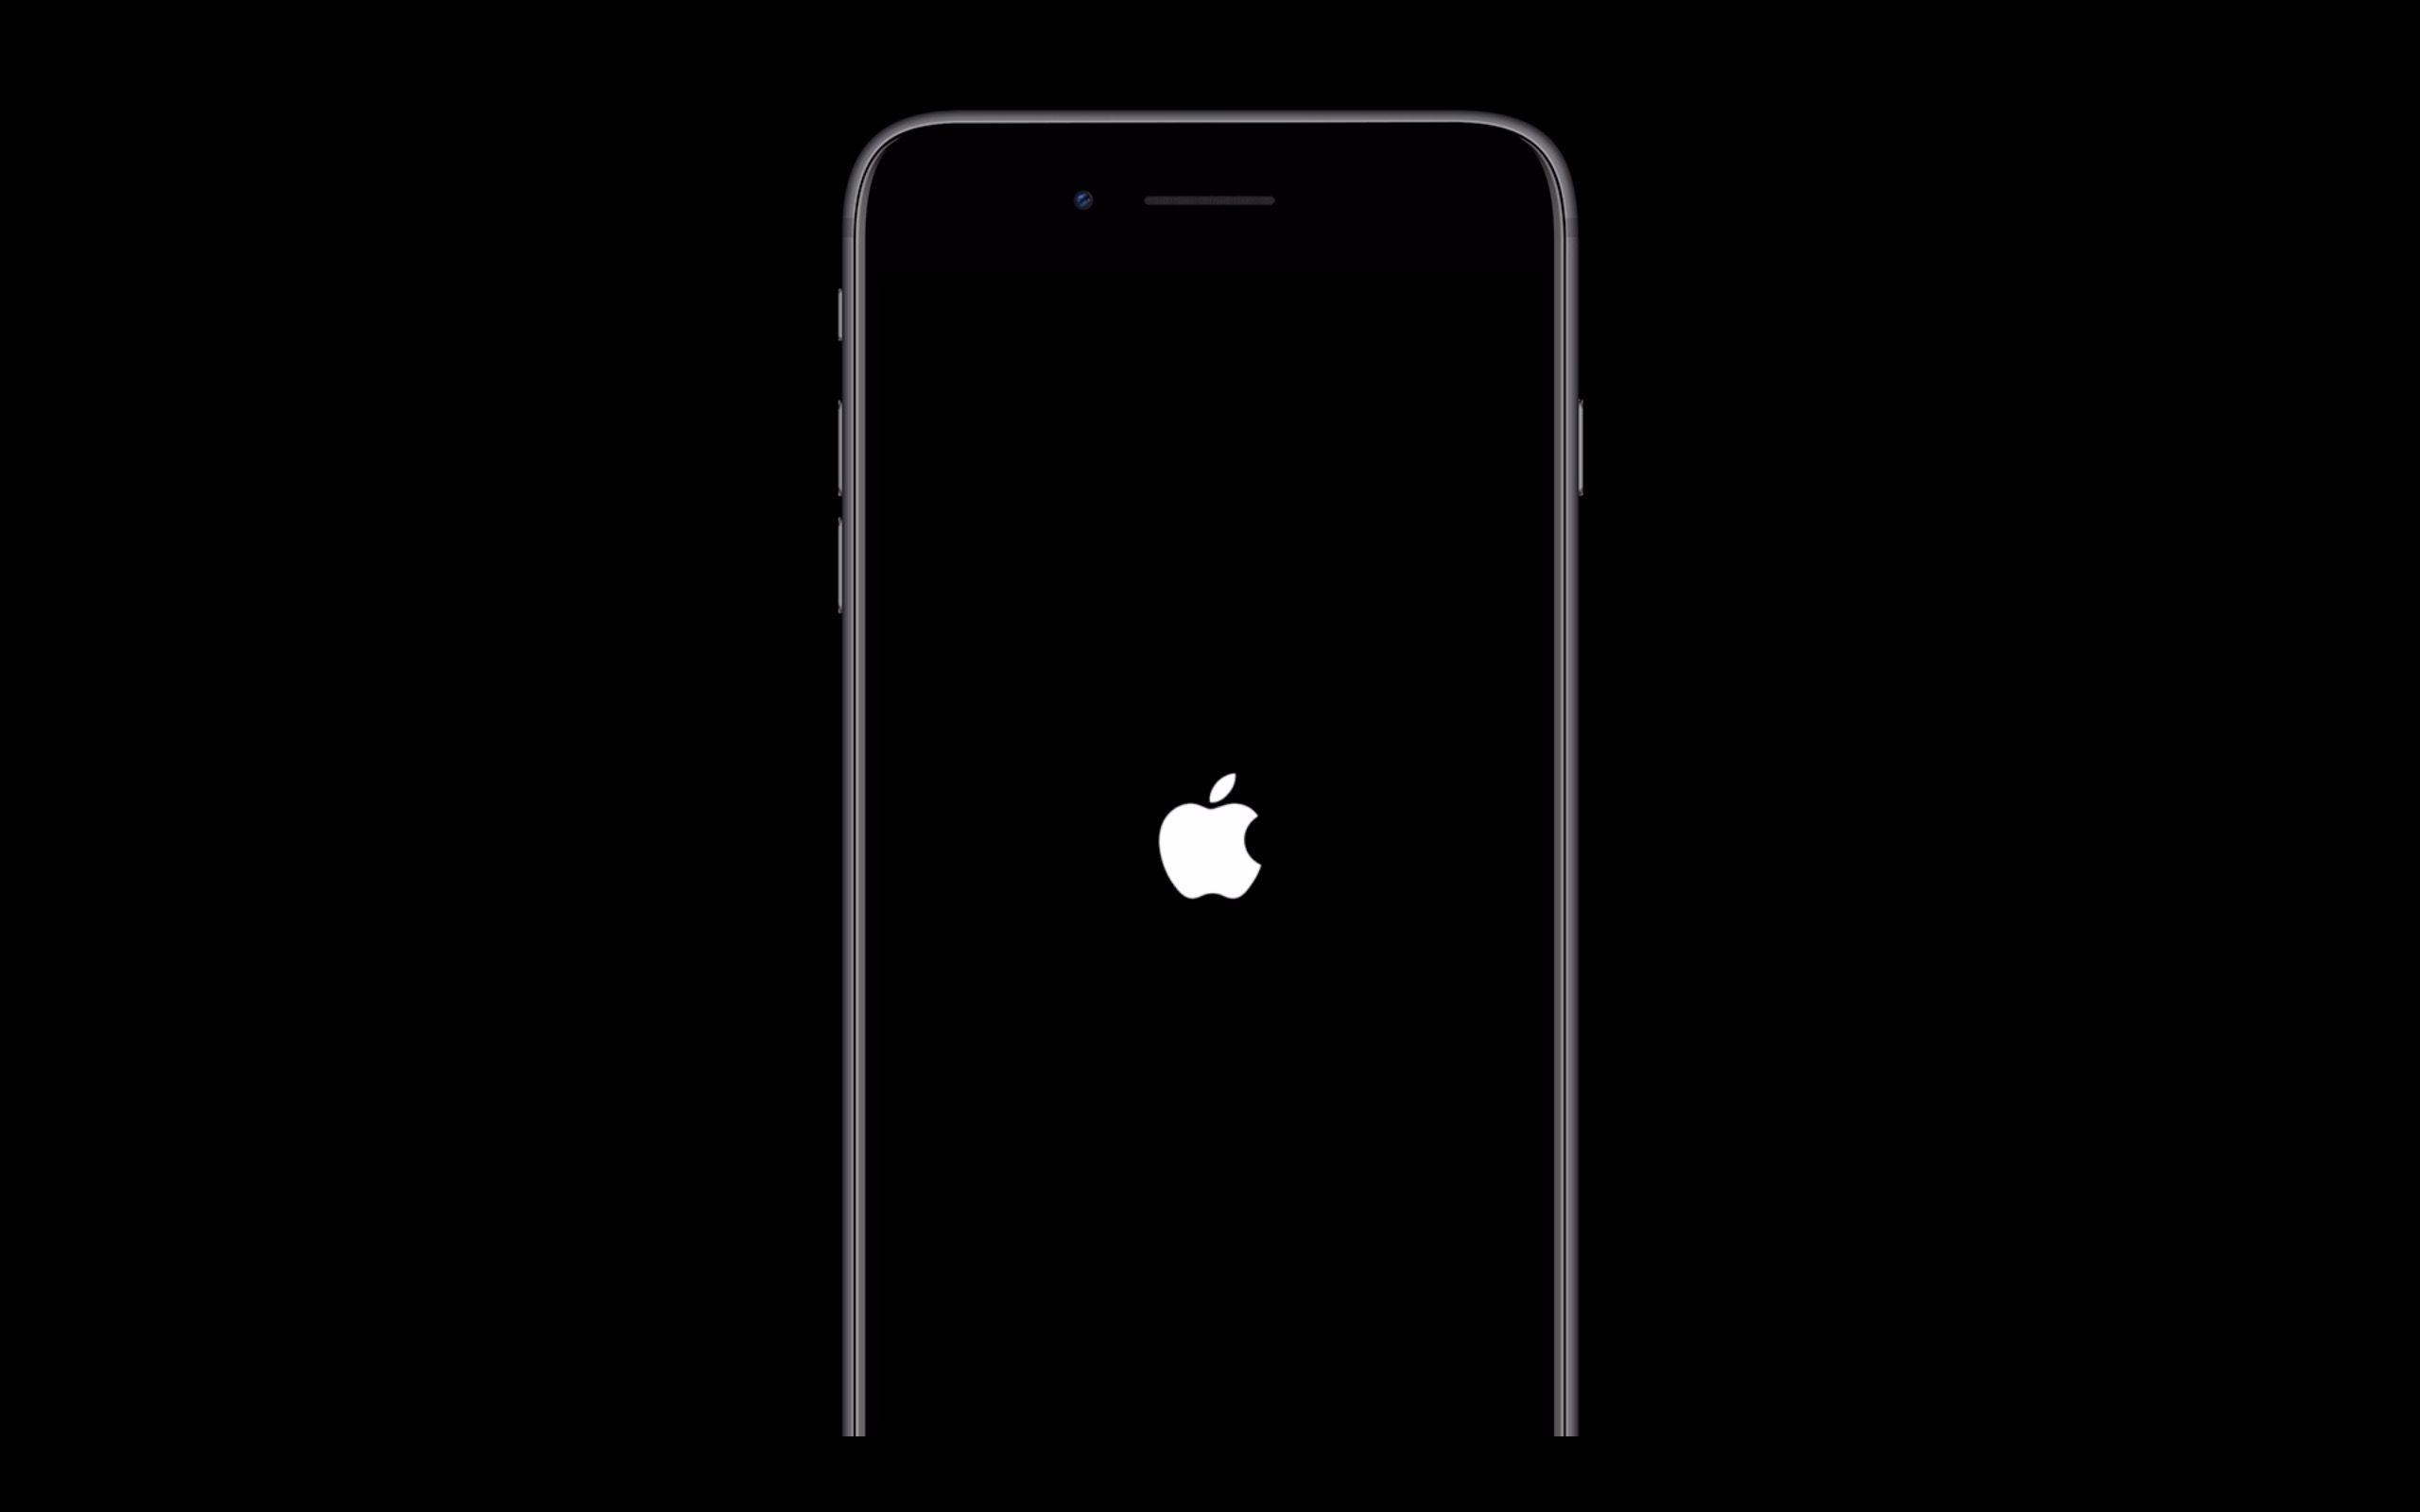 方便收稍后像素看马克一下用手机看离线看更拍照iphone7分享硬币手机最高图片